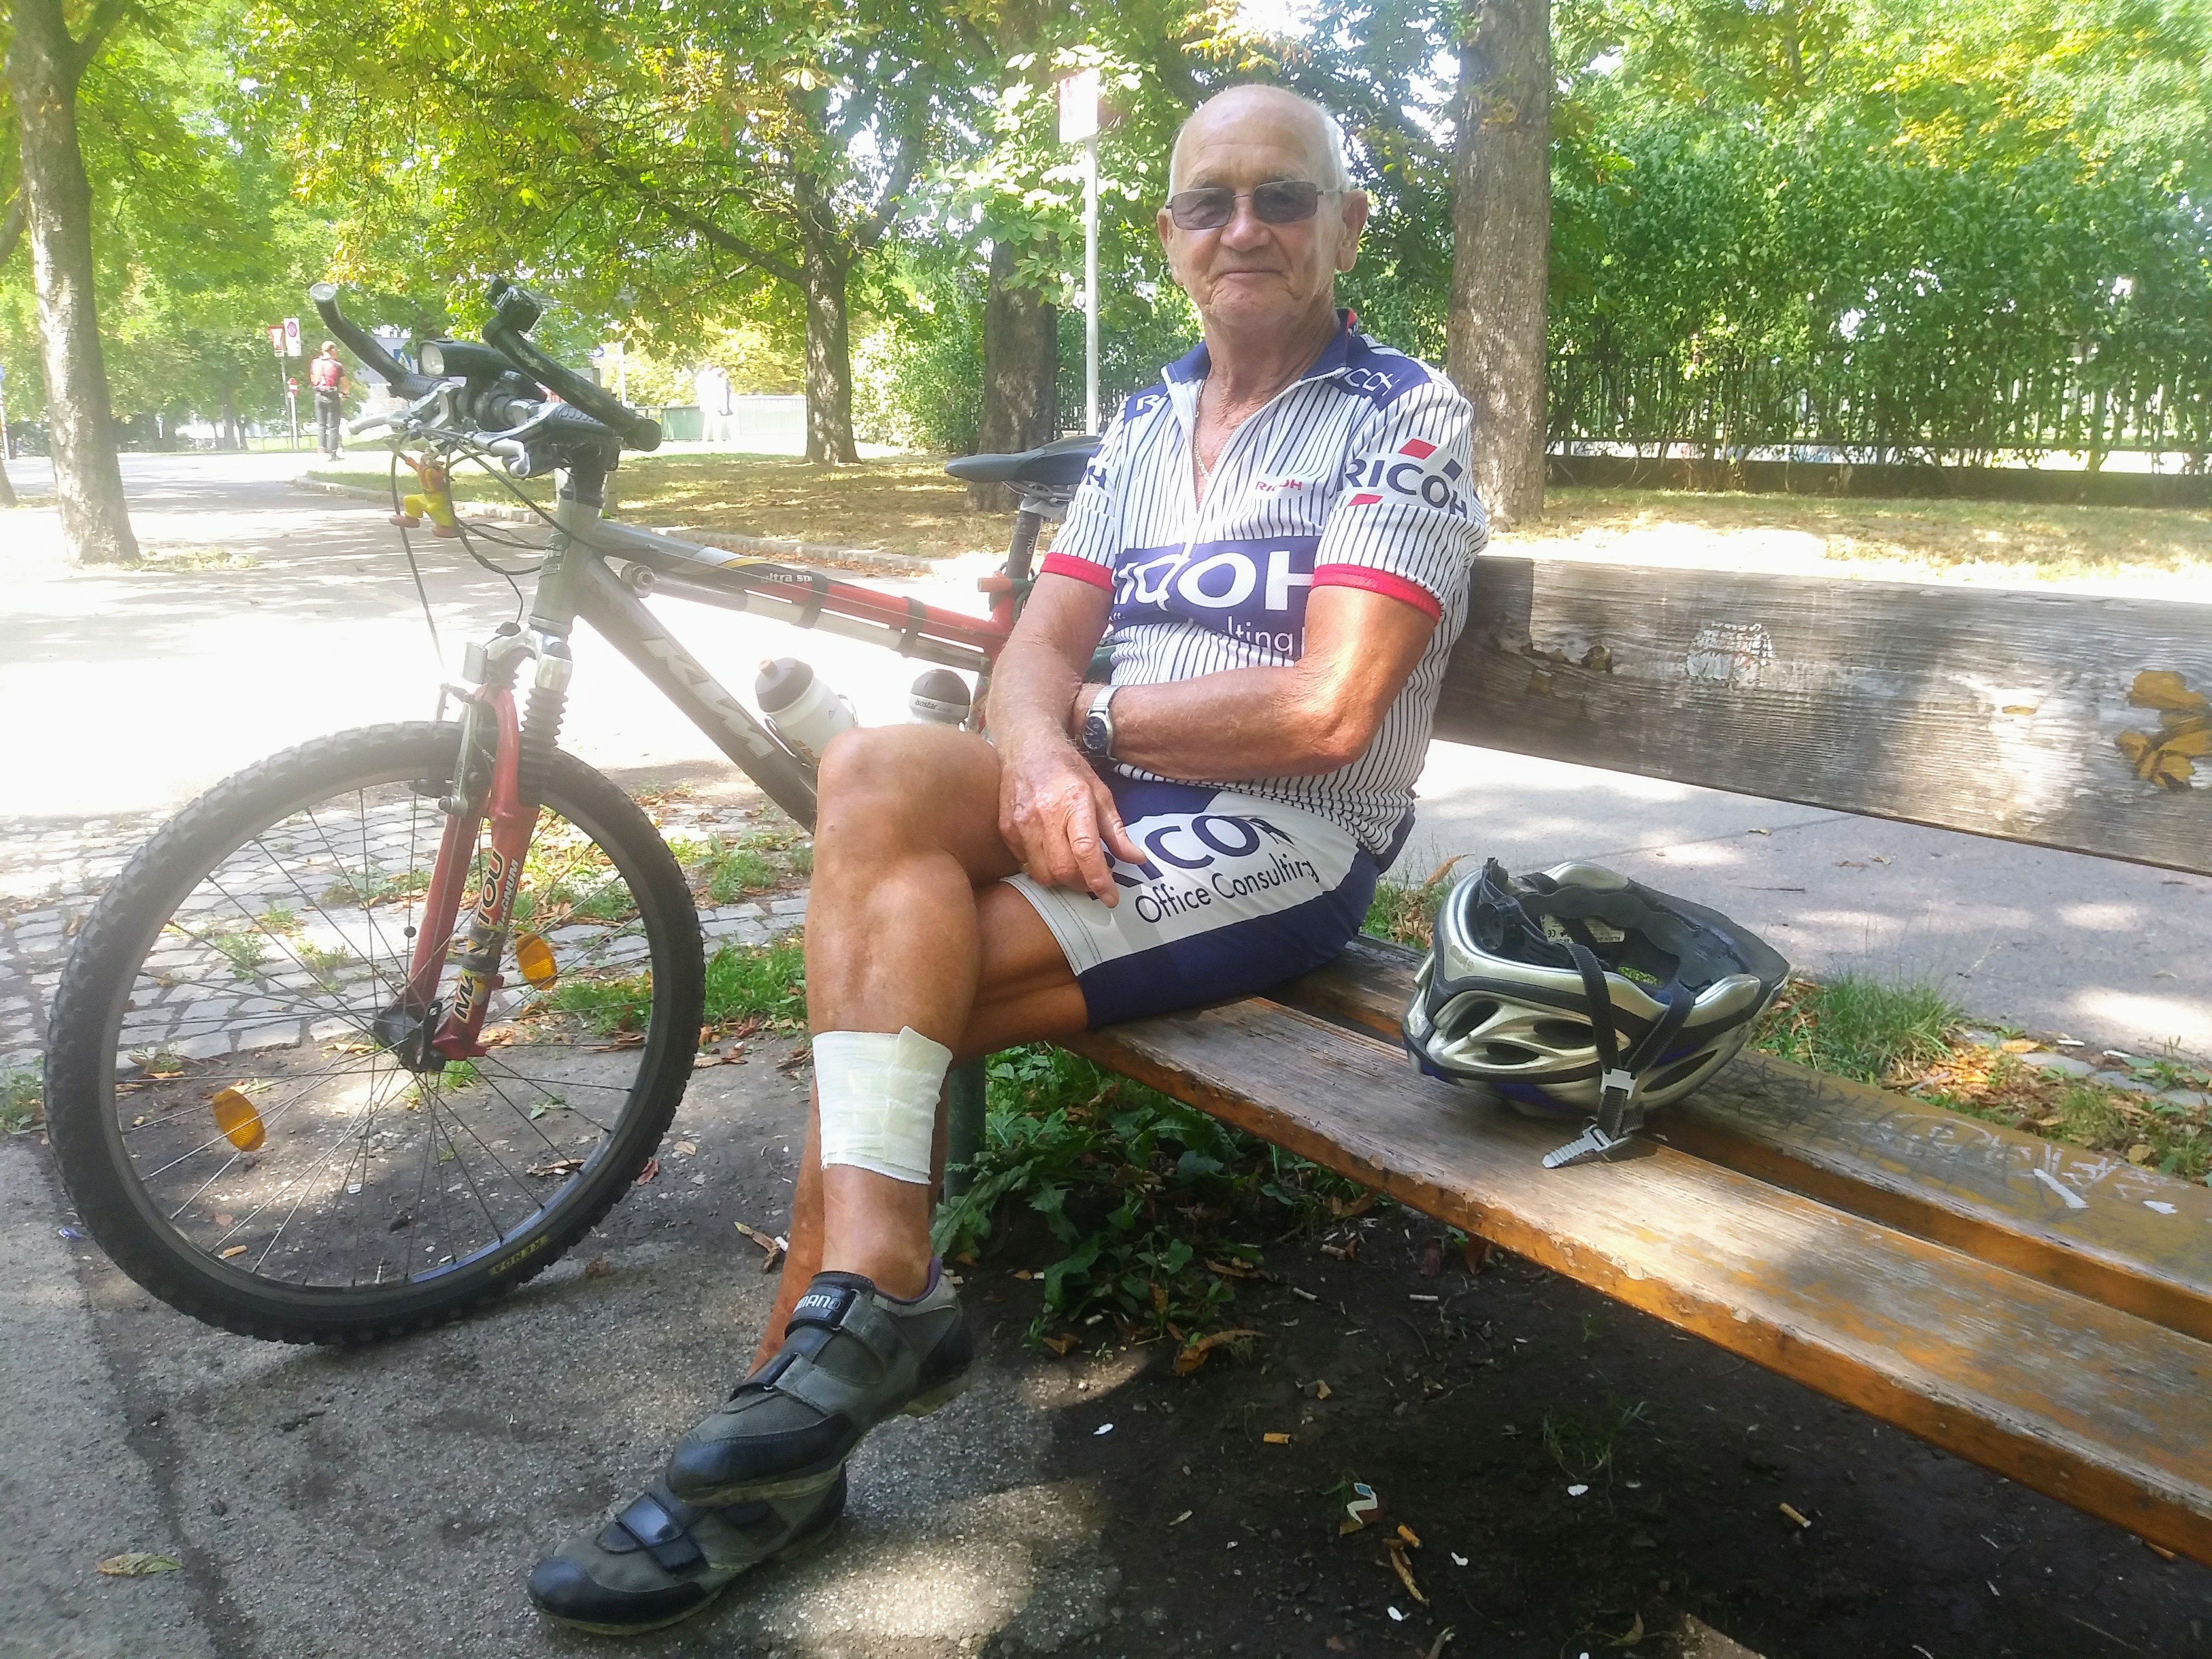 Erwin Brünner macht kurz Pause, bevor er sich mit dem Rad wieder auf den Heimweg macht